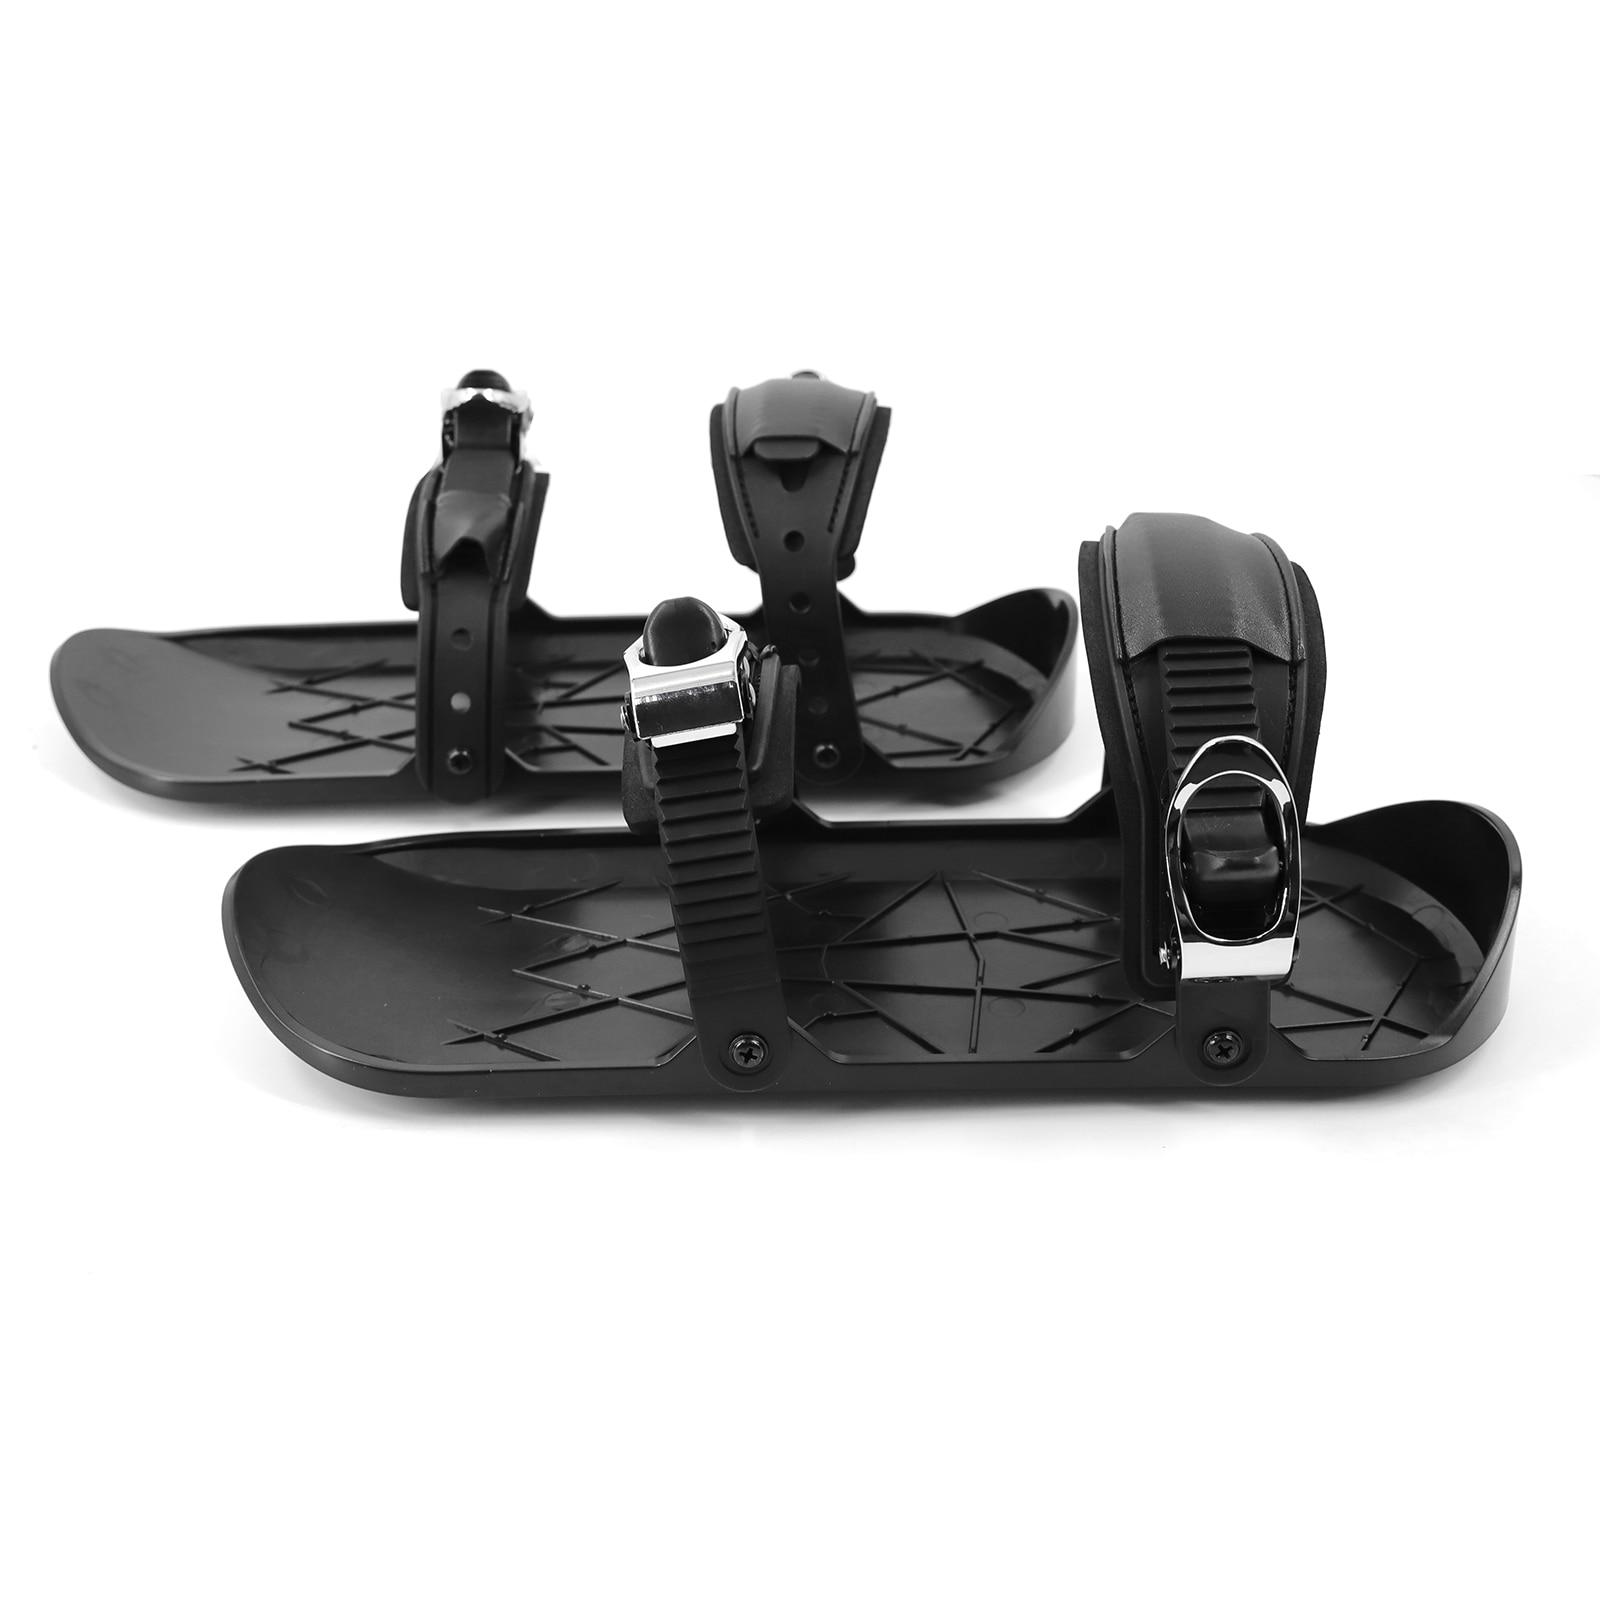 Лыжные мини-скейты, снегоступы для катания на лыжах, сноуборде, зимние сани для катания, уличные лыжные инструменты, подарок для детей